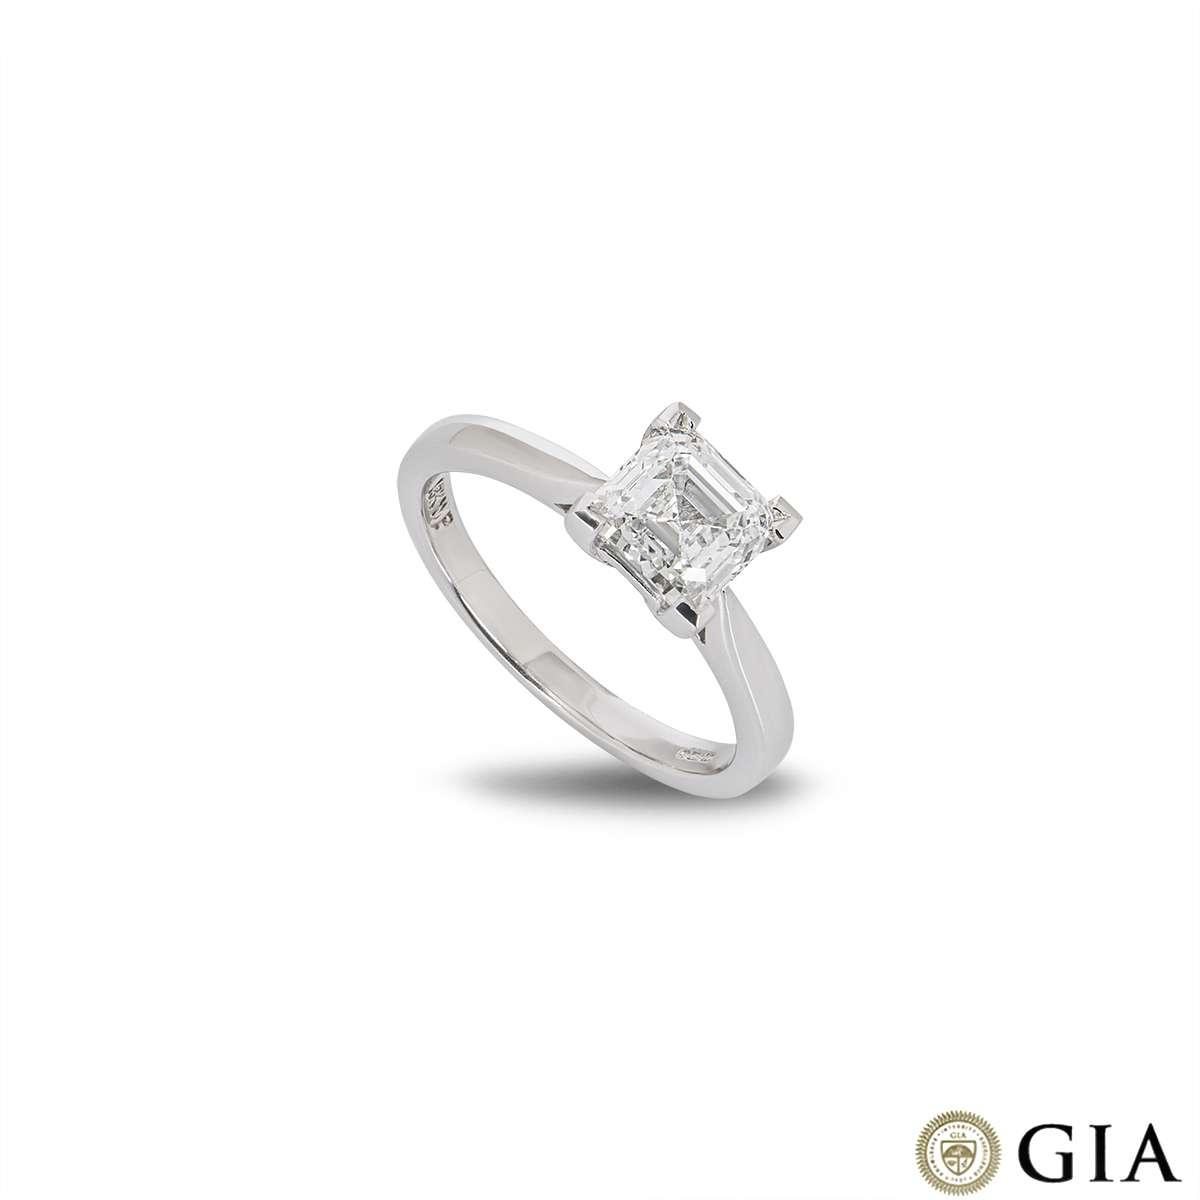 18k White Gold Asscher Cut Diamond Ring 1.58ct G/VS1